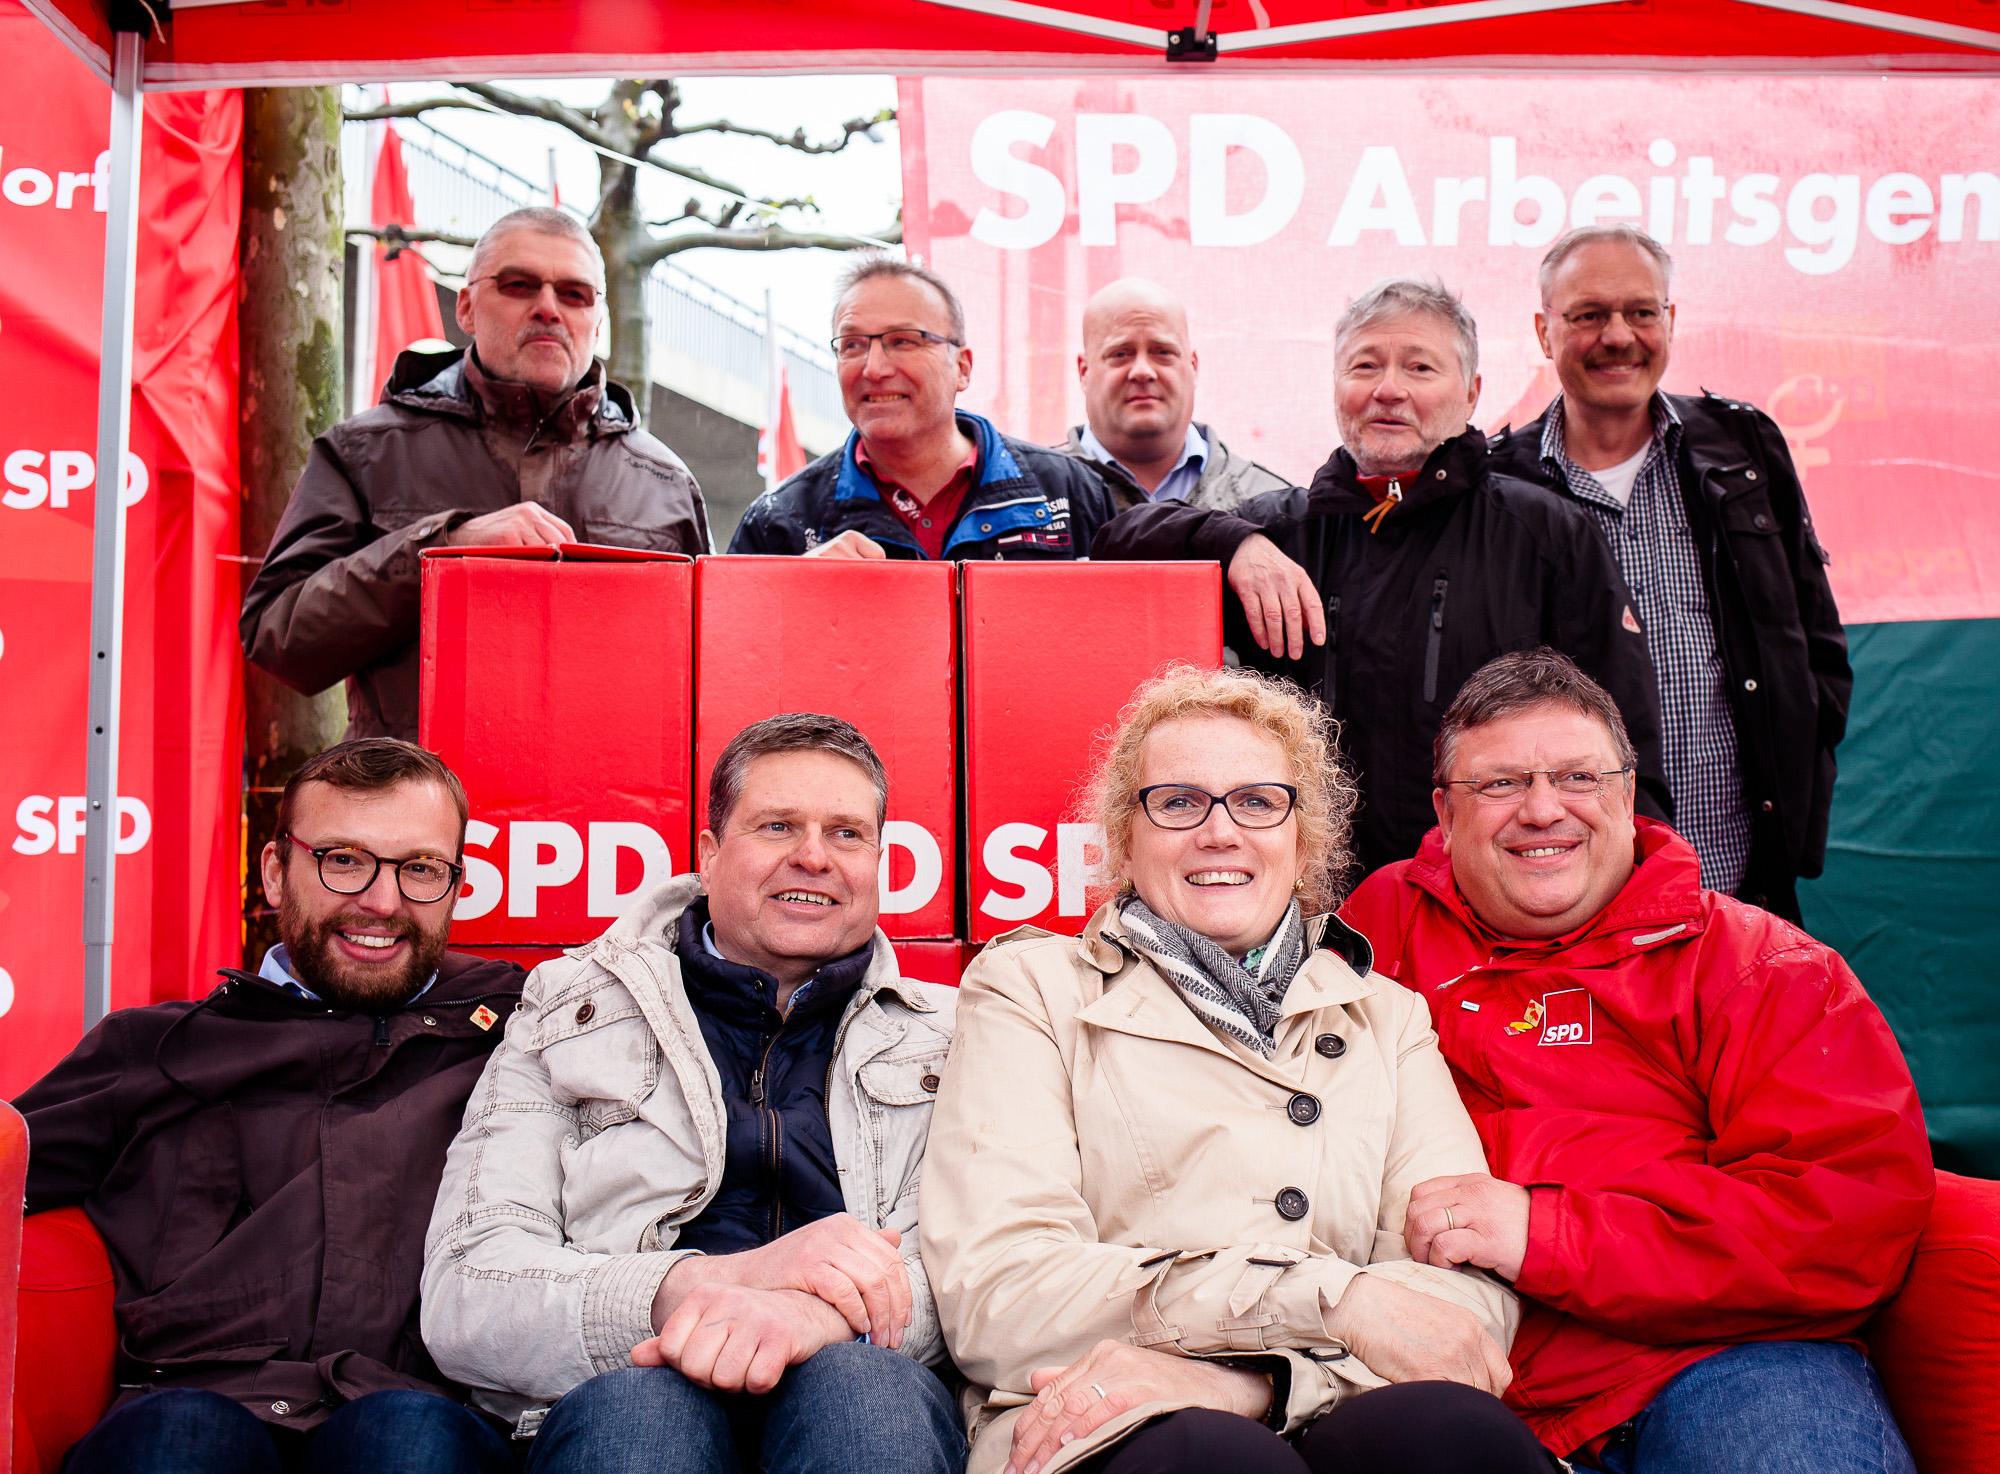 1. Mai 2017: SPD Düsseldorf begrüßt Feuerwehrleute und Aktive der Deutschen Feuerwehr-Gewerkschaft als neue Parteimitglieder